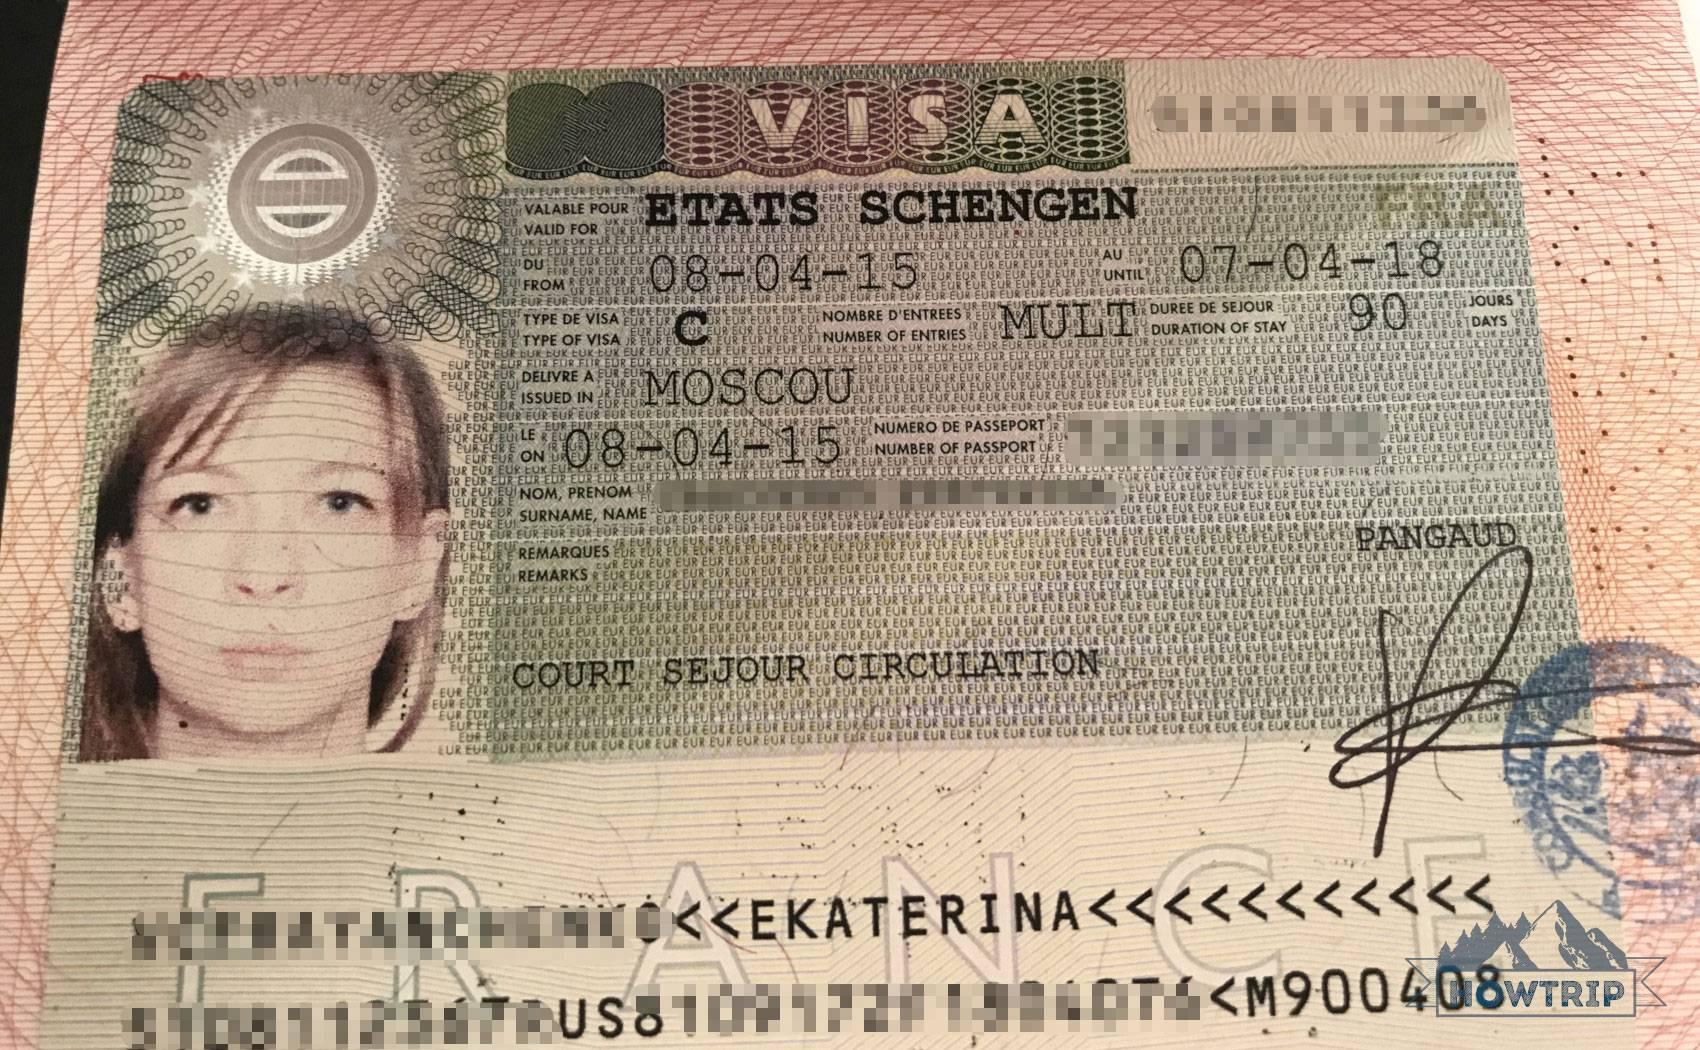 Виза во францию в 2021 году: полная инструкция по оформлению французского шенгена для россиян